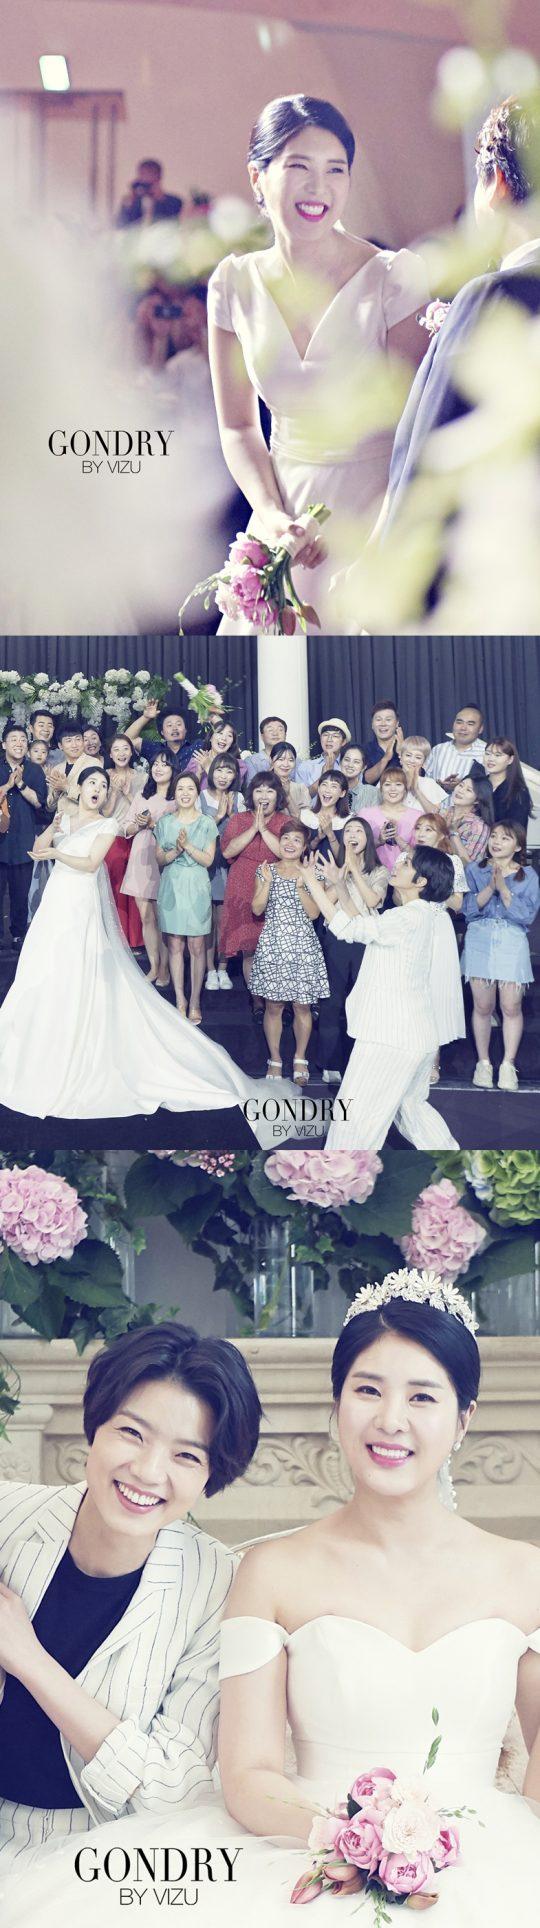 개그우먼 결혼식 본식./사진제공=해피메리드컴퍼니